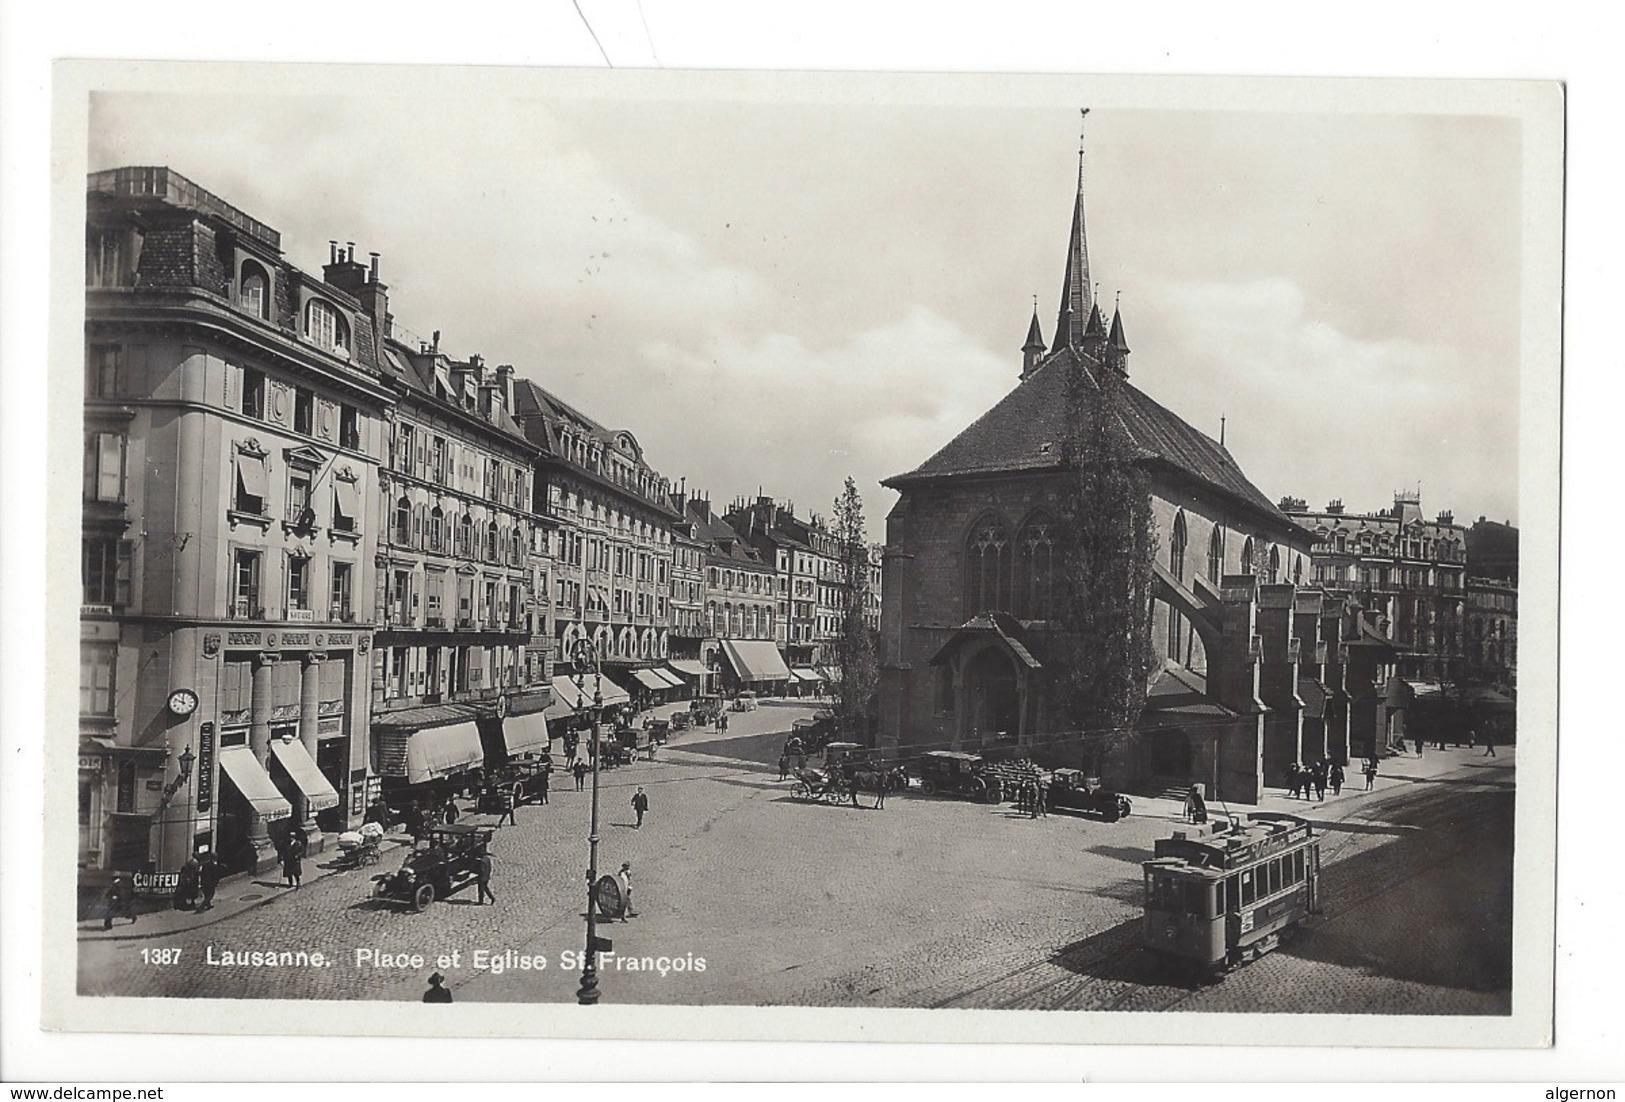 21315 - Lausanne Place Et Eglise St-François Tram - VD Vaud